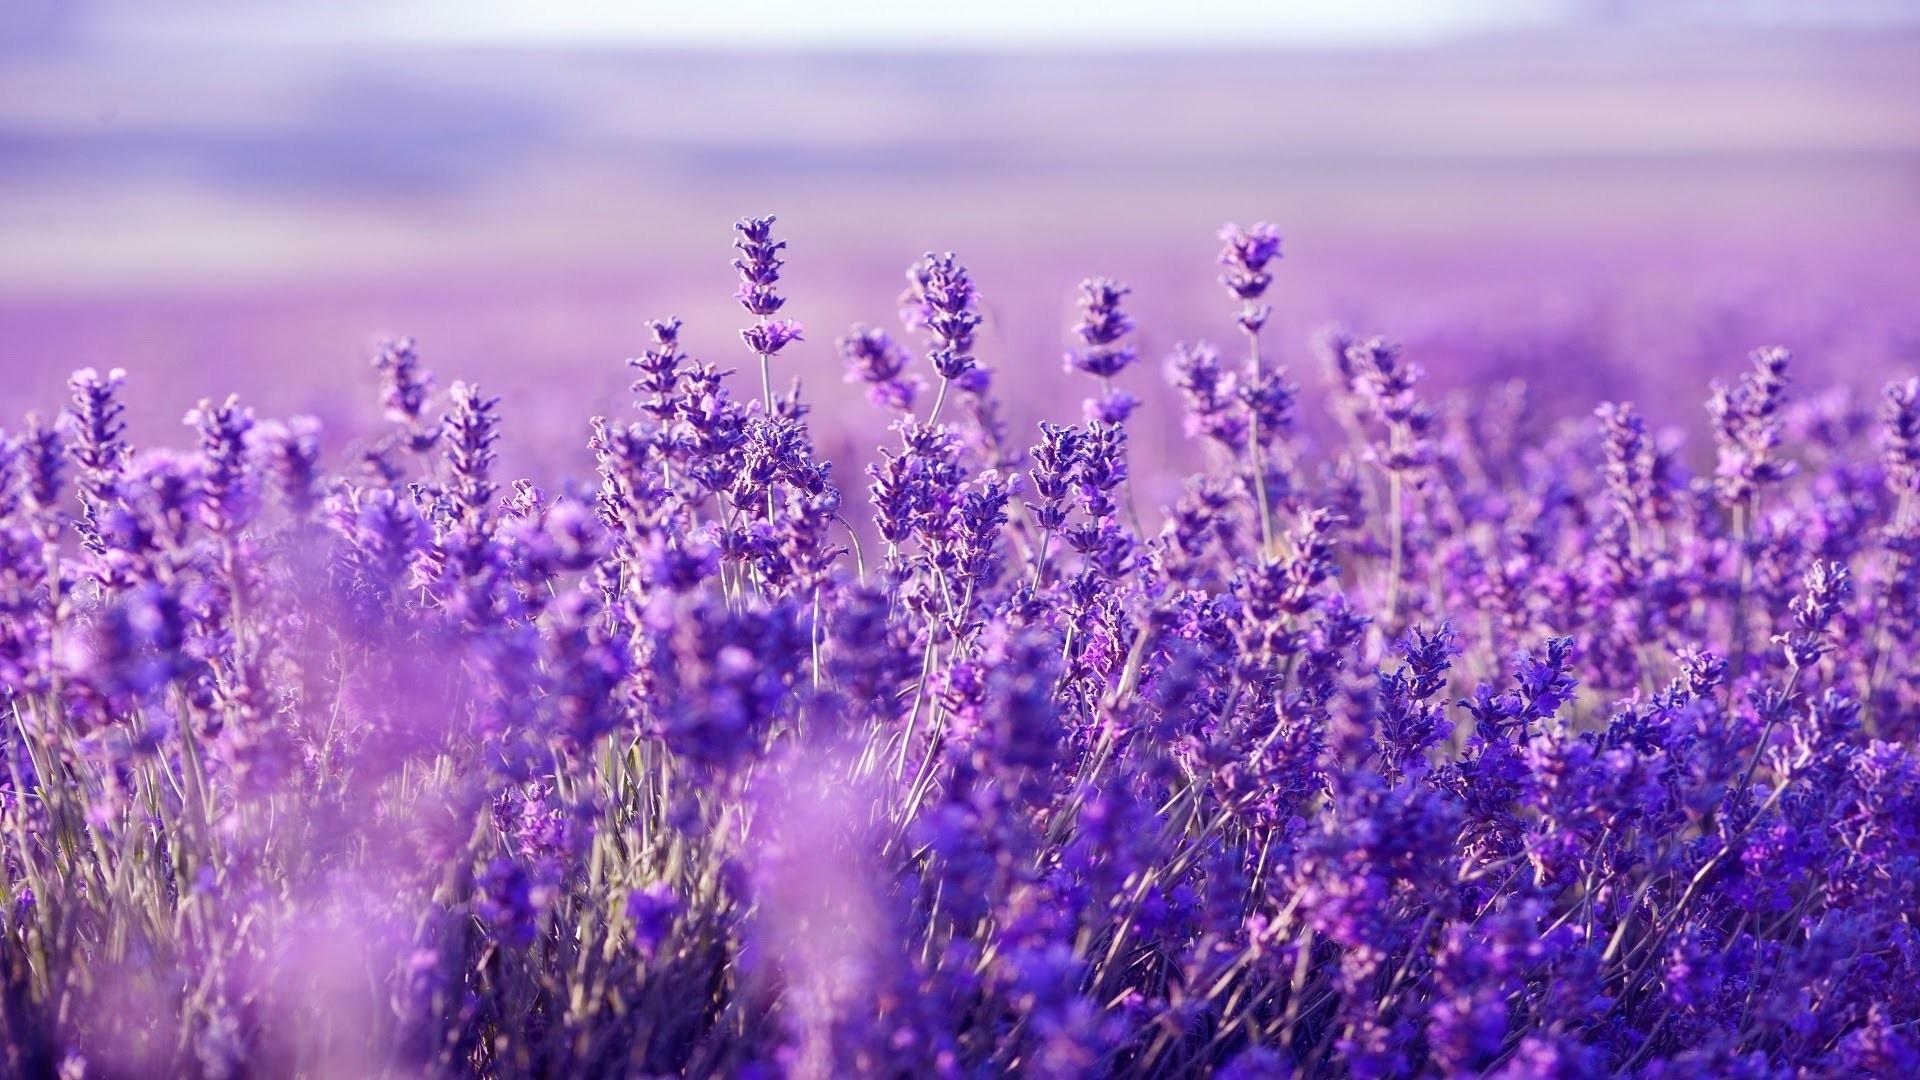 Lavender wallpaper photo hd